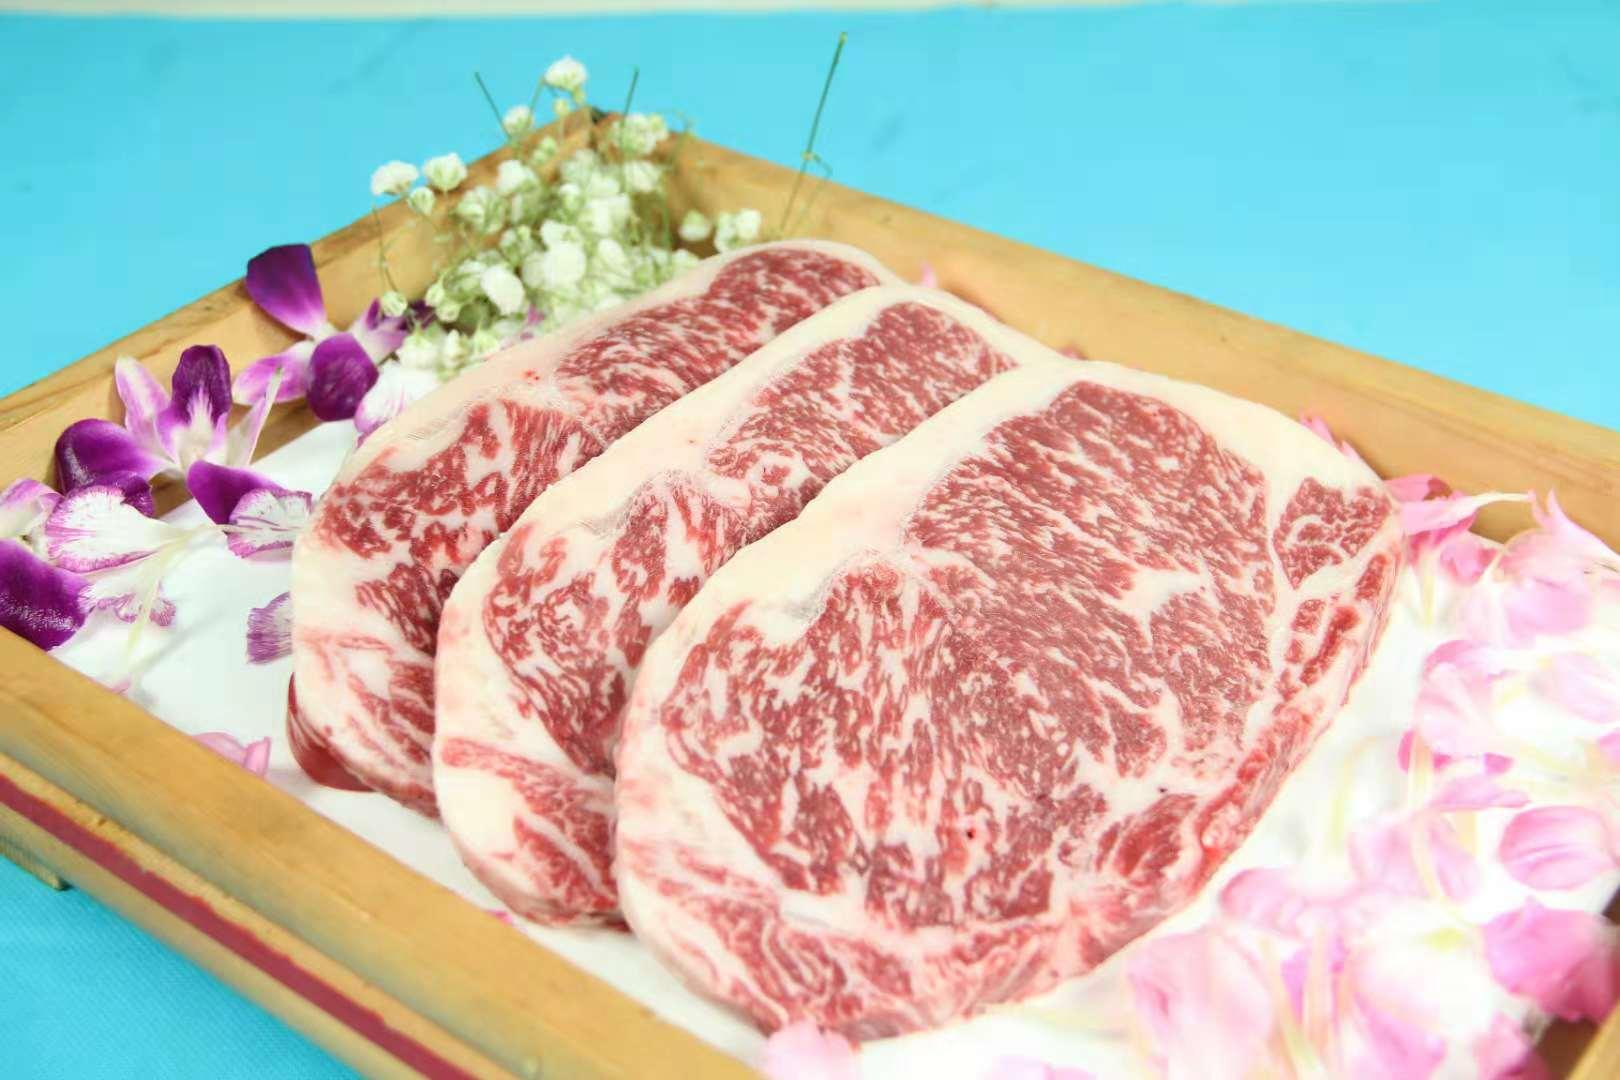 江西优质雪花牛肉批发|中卫超值的优质雪花牛肉批售